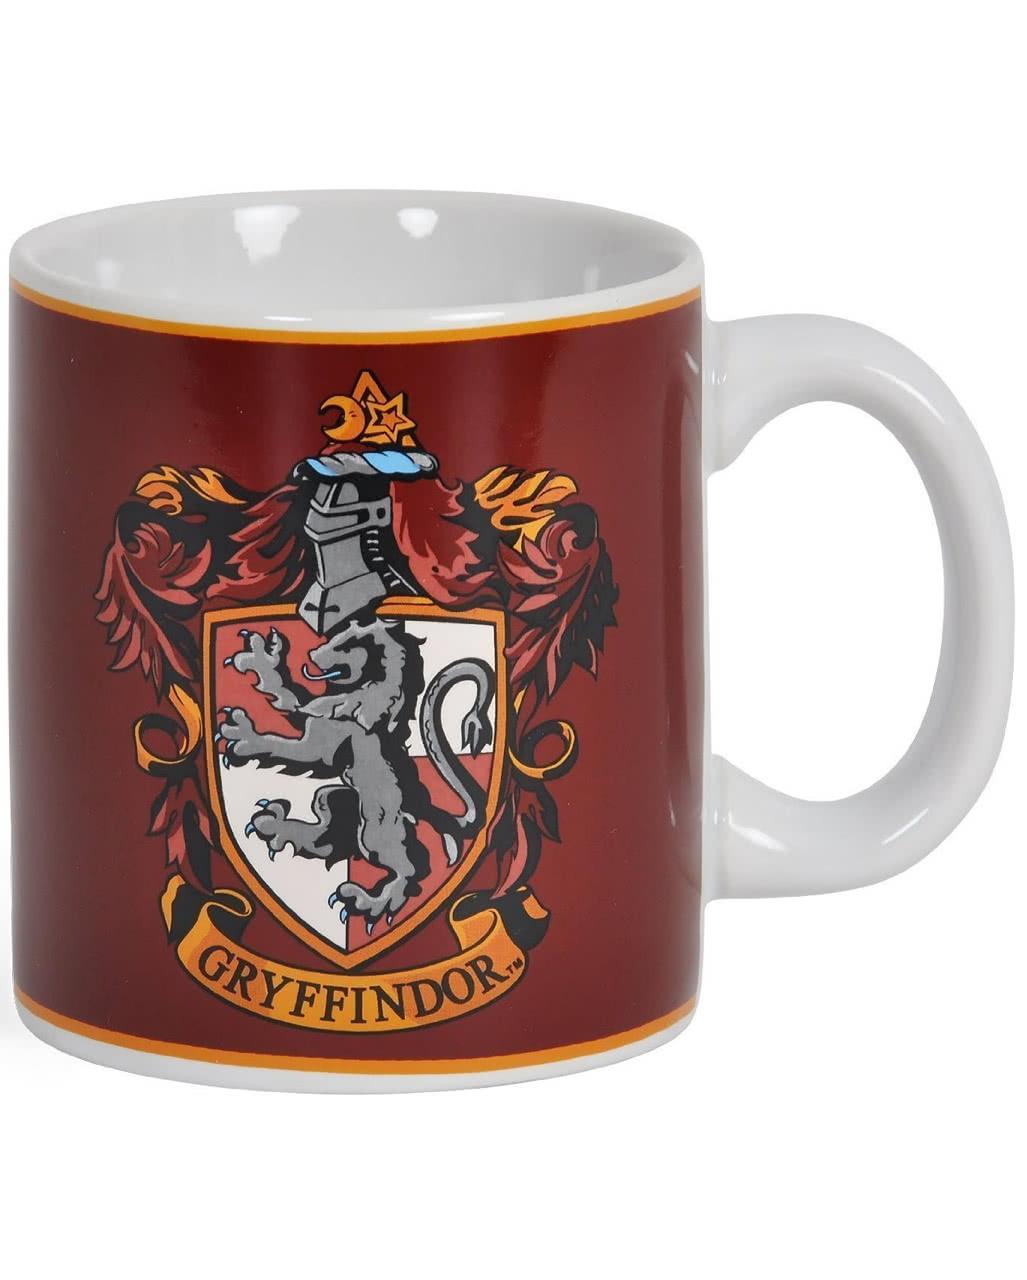 Official Harry Potter Gryffindor Ceramic Travel Mug In Presentation Box